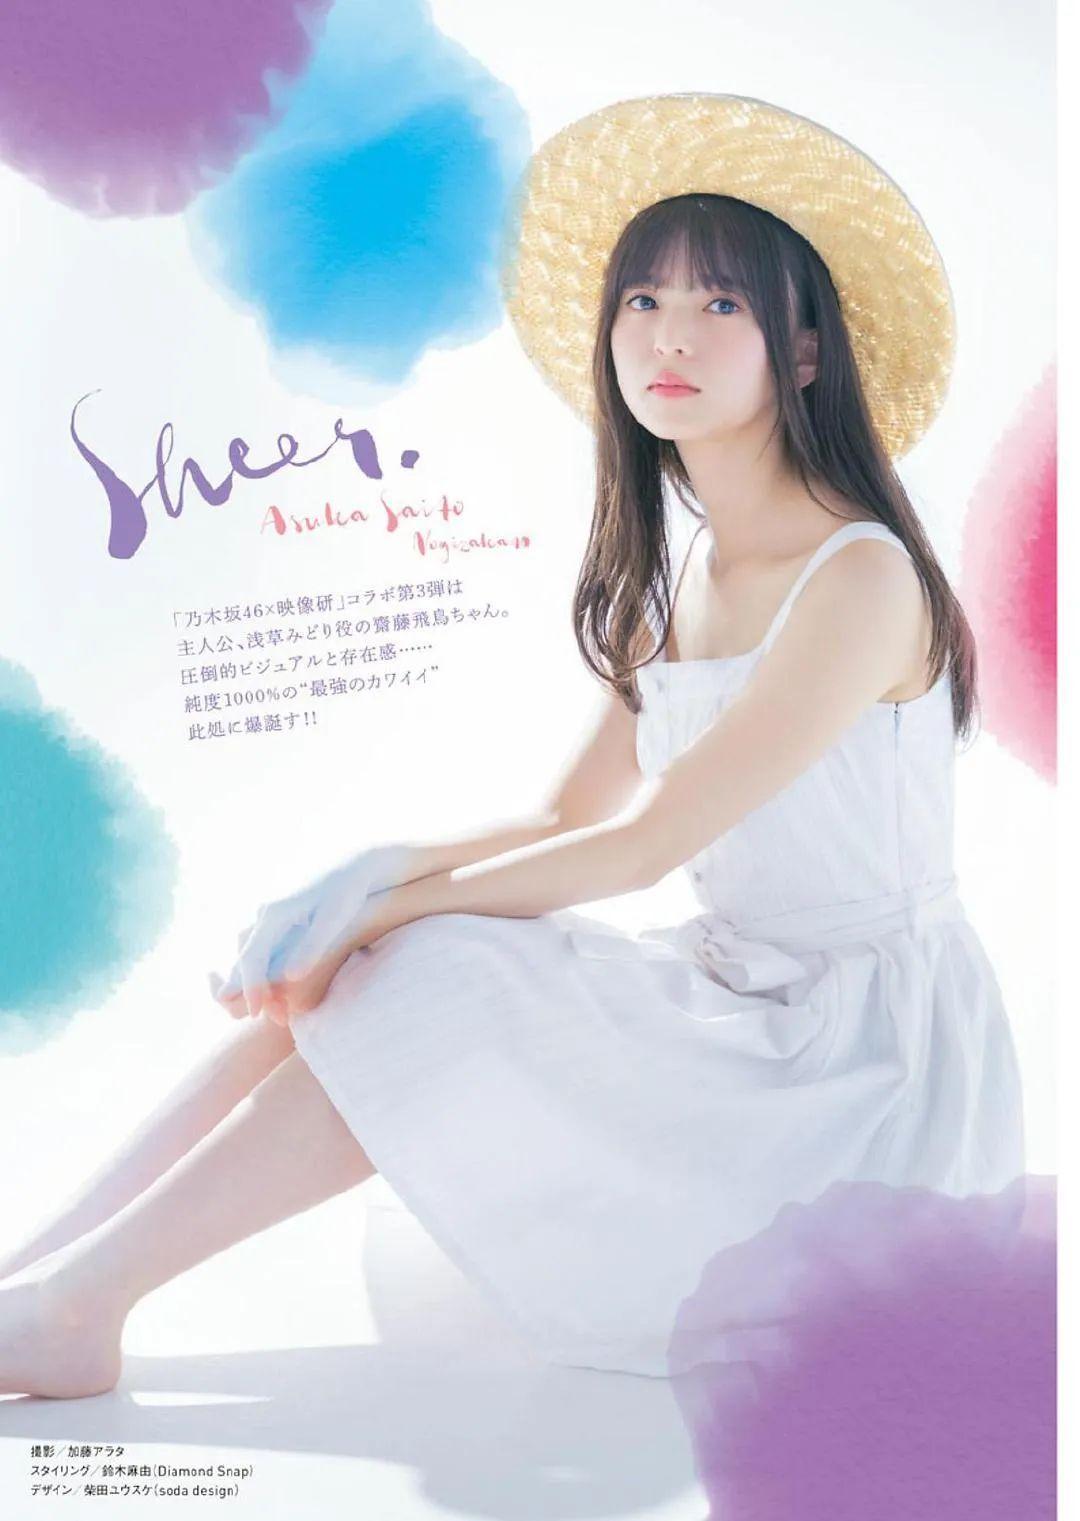 2020 No.22-23 #斋藤飞鸟#ビッグコミックスピリッツ封面_图片 No.4